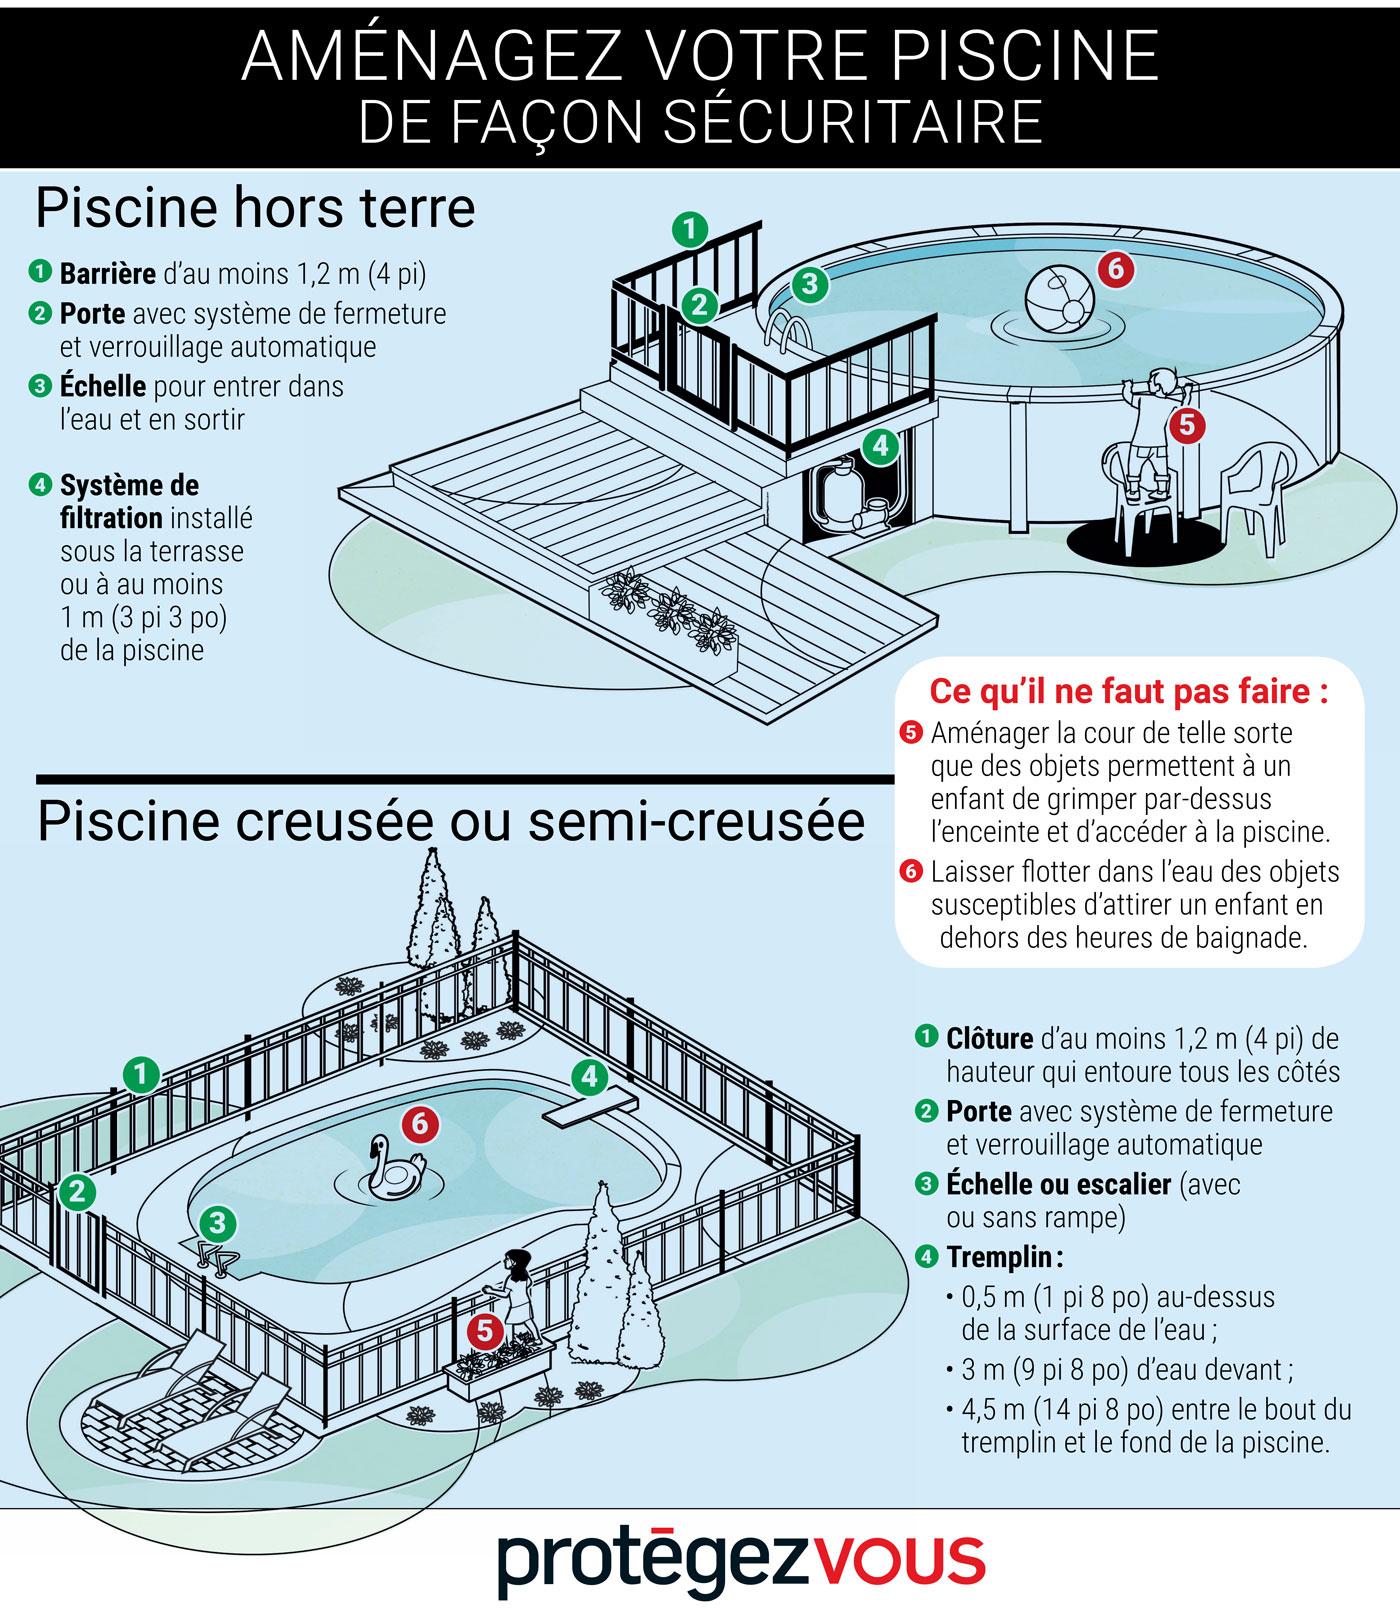 Aménager Sa Piscine De Façon Sécuritaire   Protégez-Vous.ca concernant Legislation Piscine Hors Sol